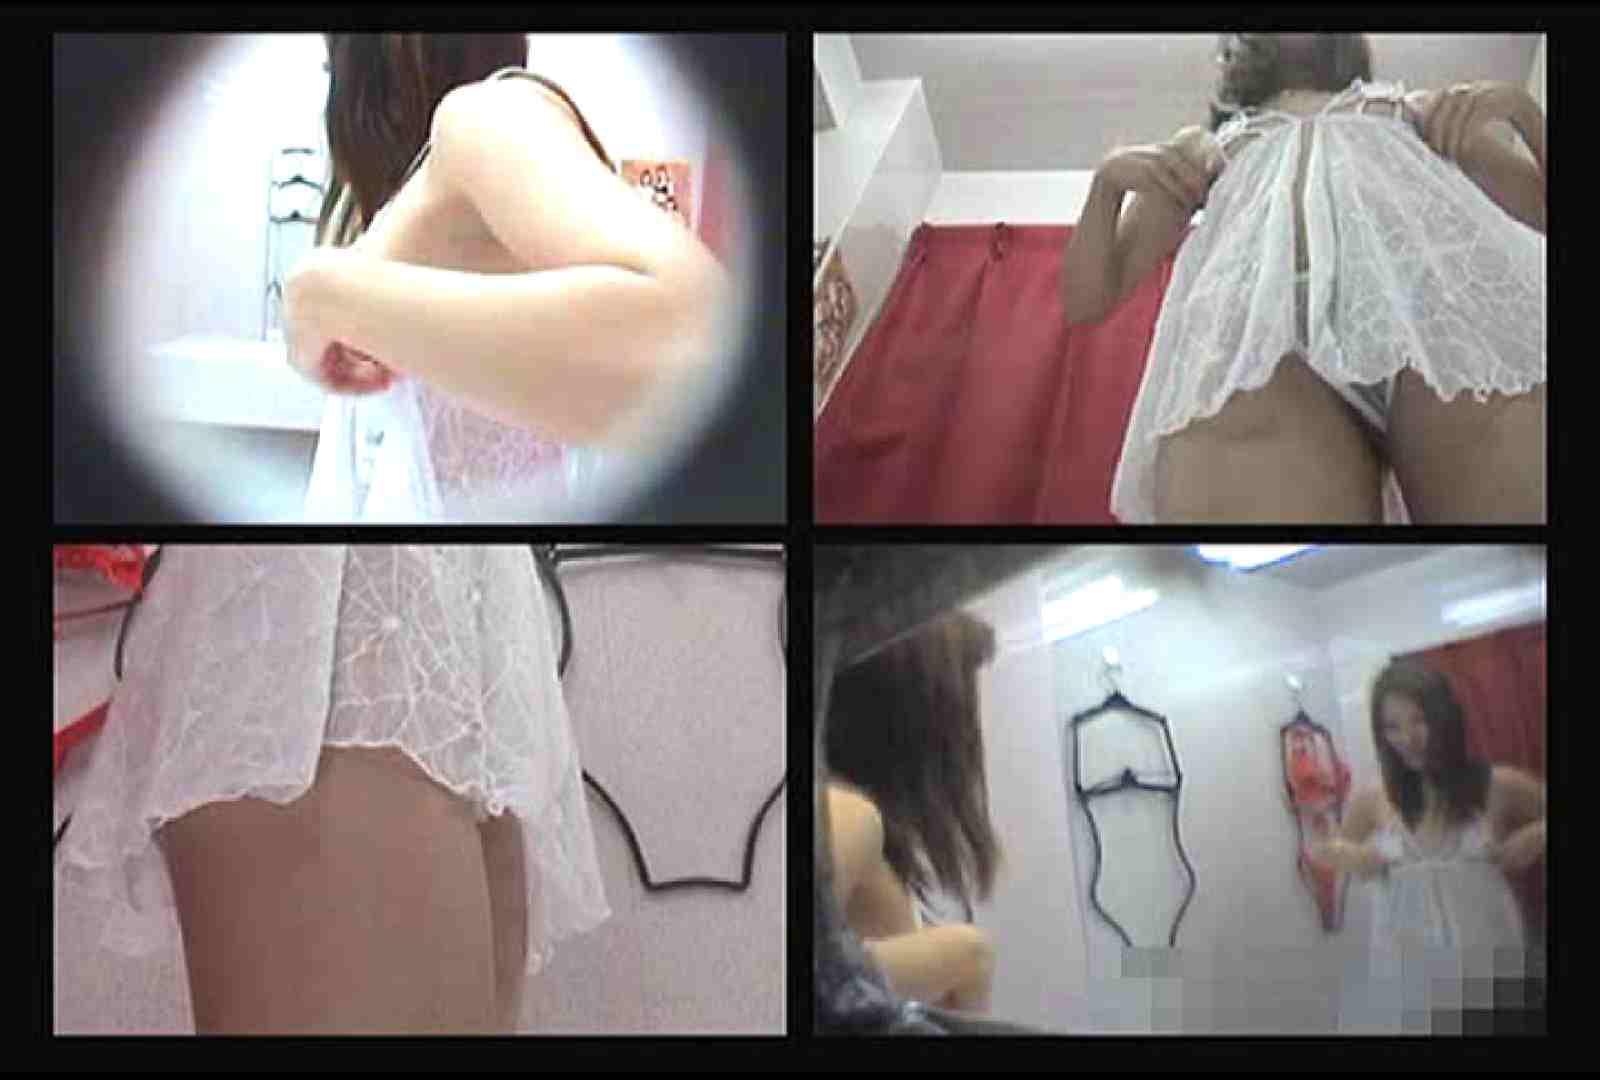 ショップ店長流出!!変態下着を買い漁る女達!Vol.5 すけべなOL   S級美女ギャル  77画像 3